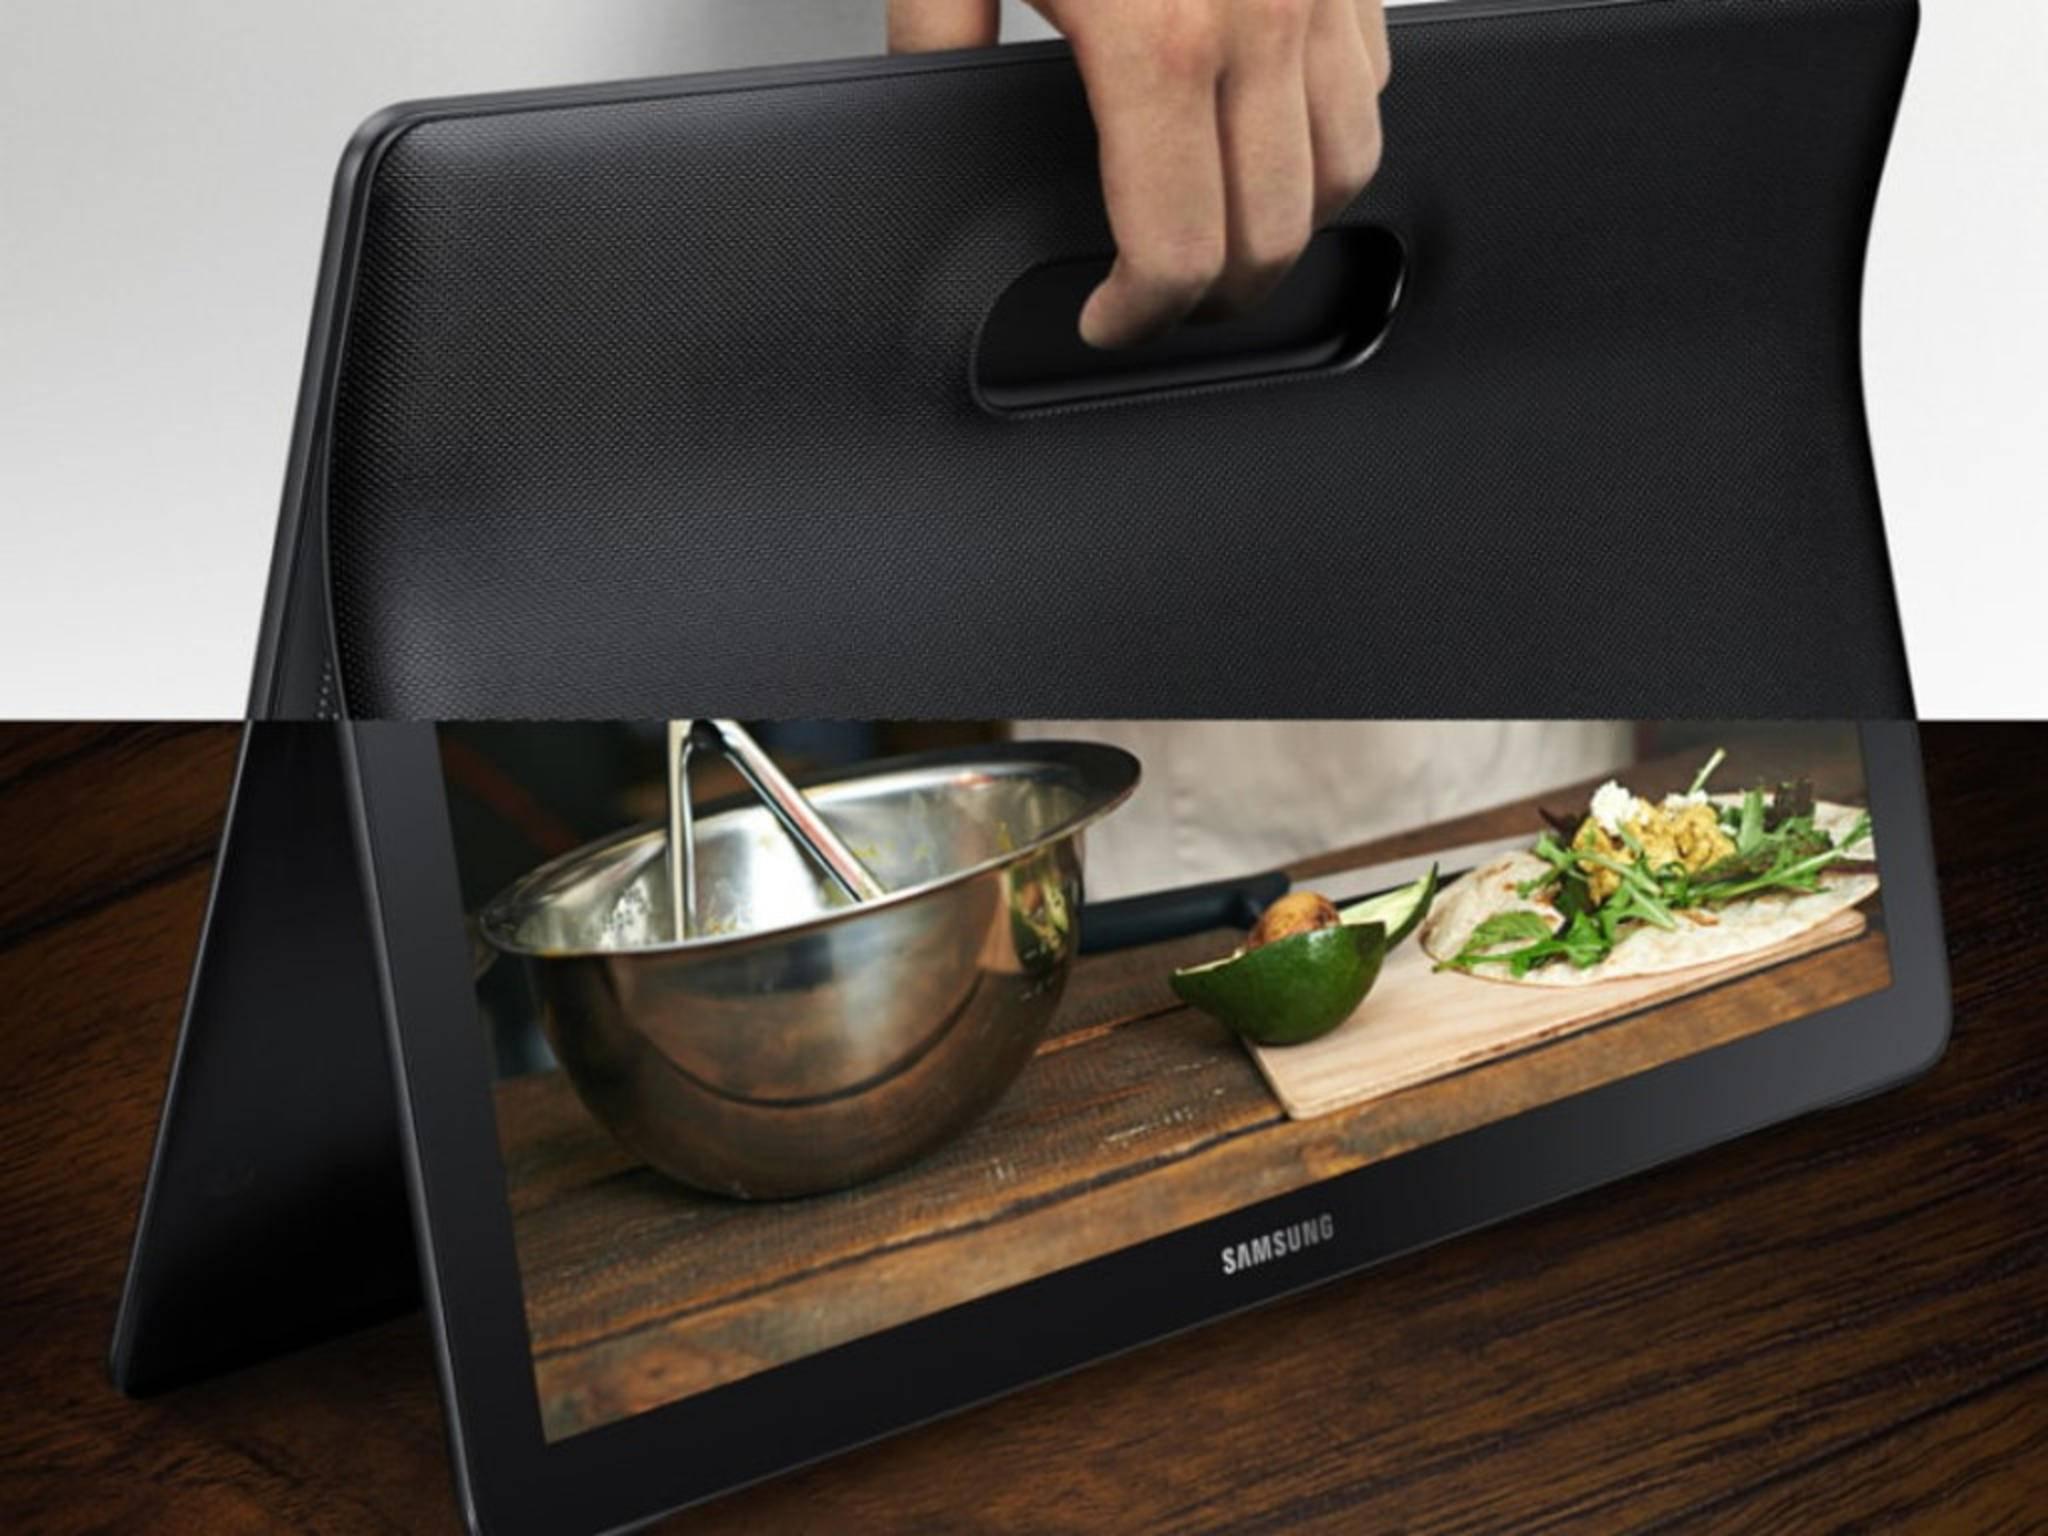 Das Samsung Galaxy View macht als Tablet dem Fernseher Konkurrenz.